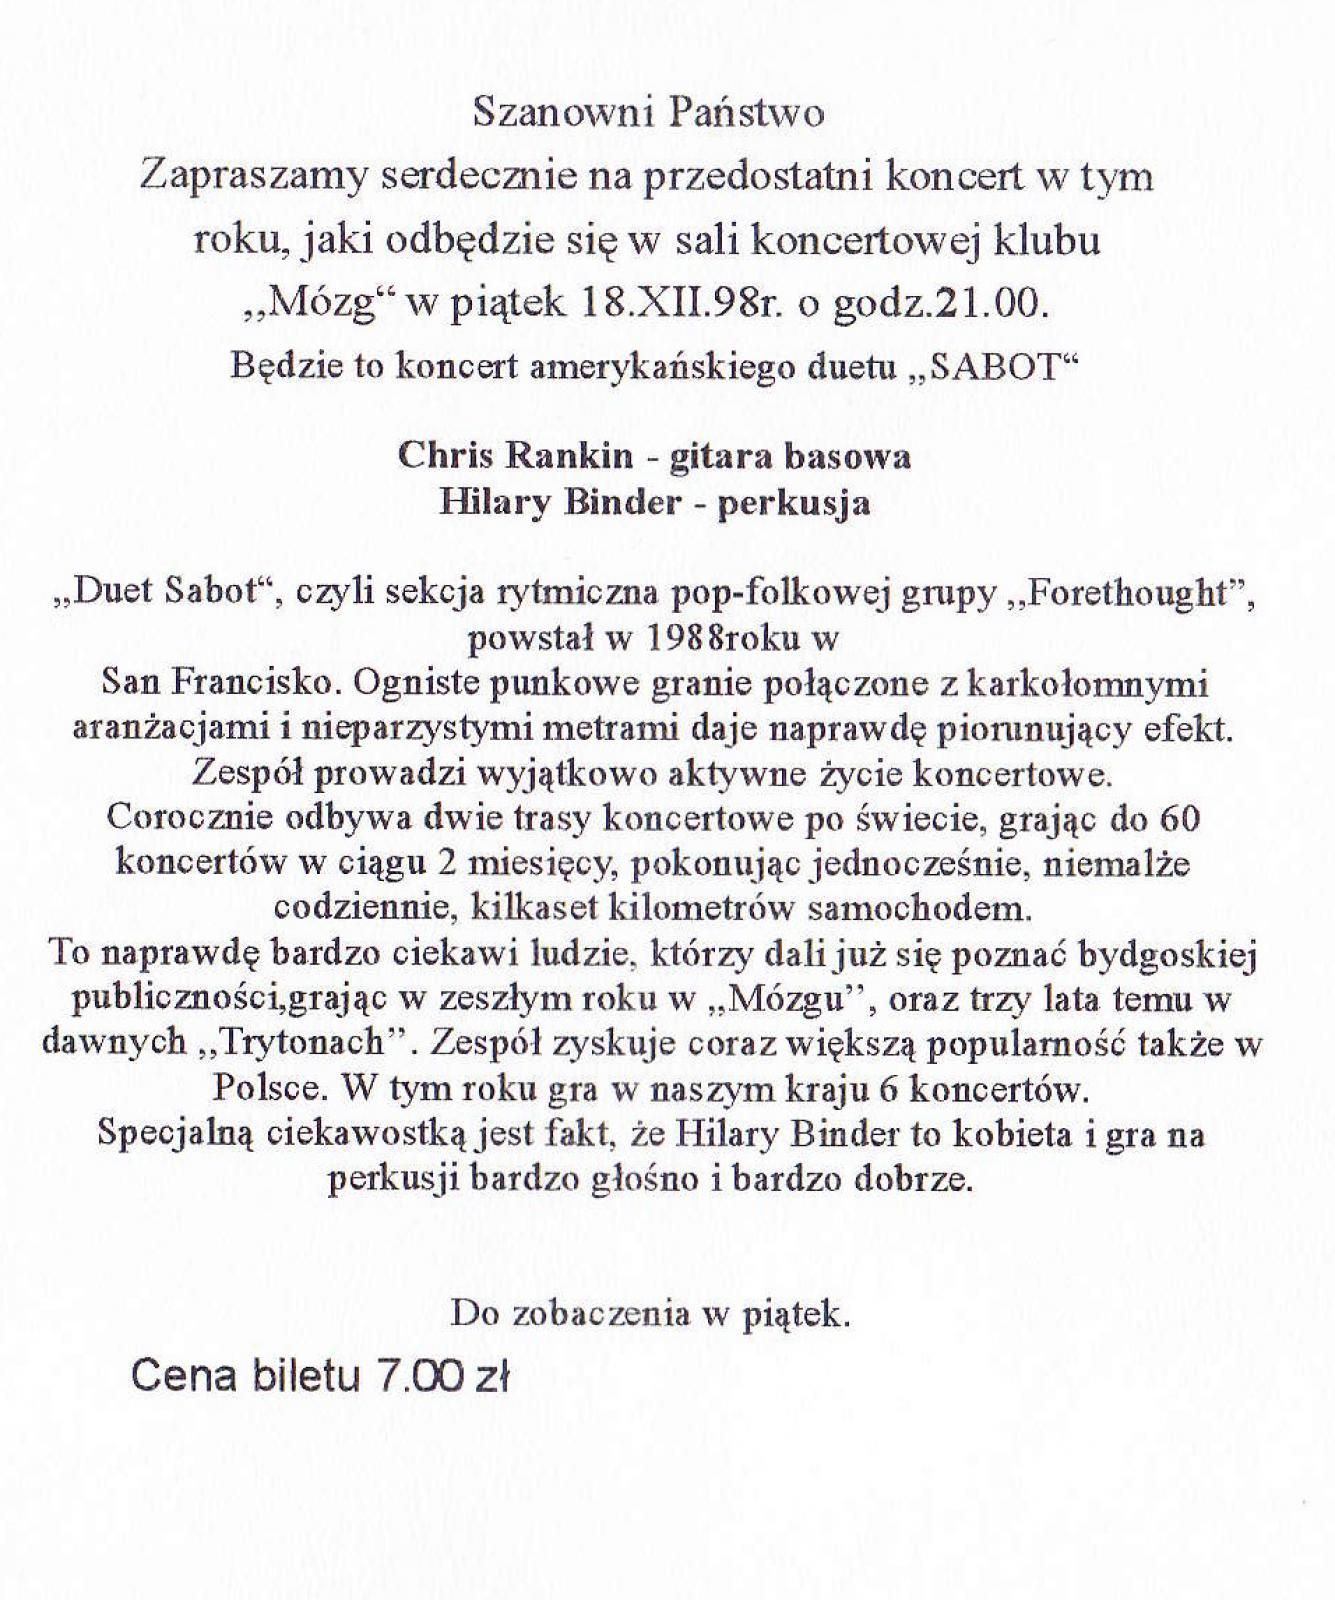 Sabot (USA/Czechy) - koncert